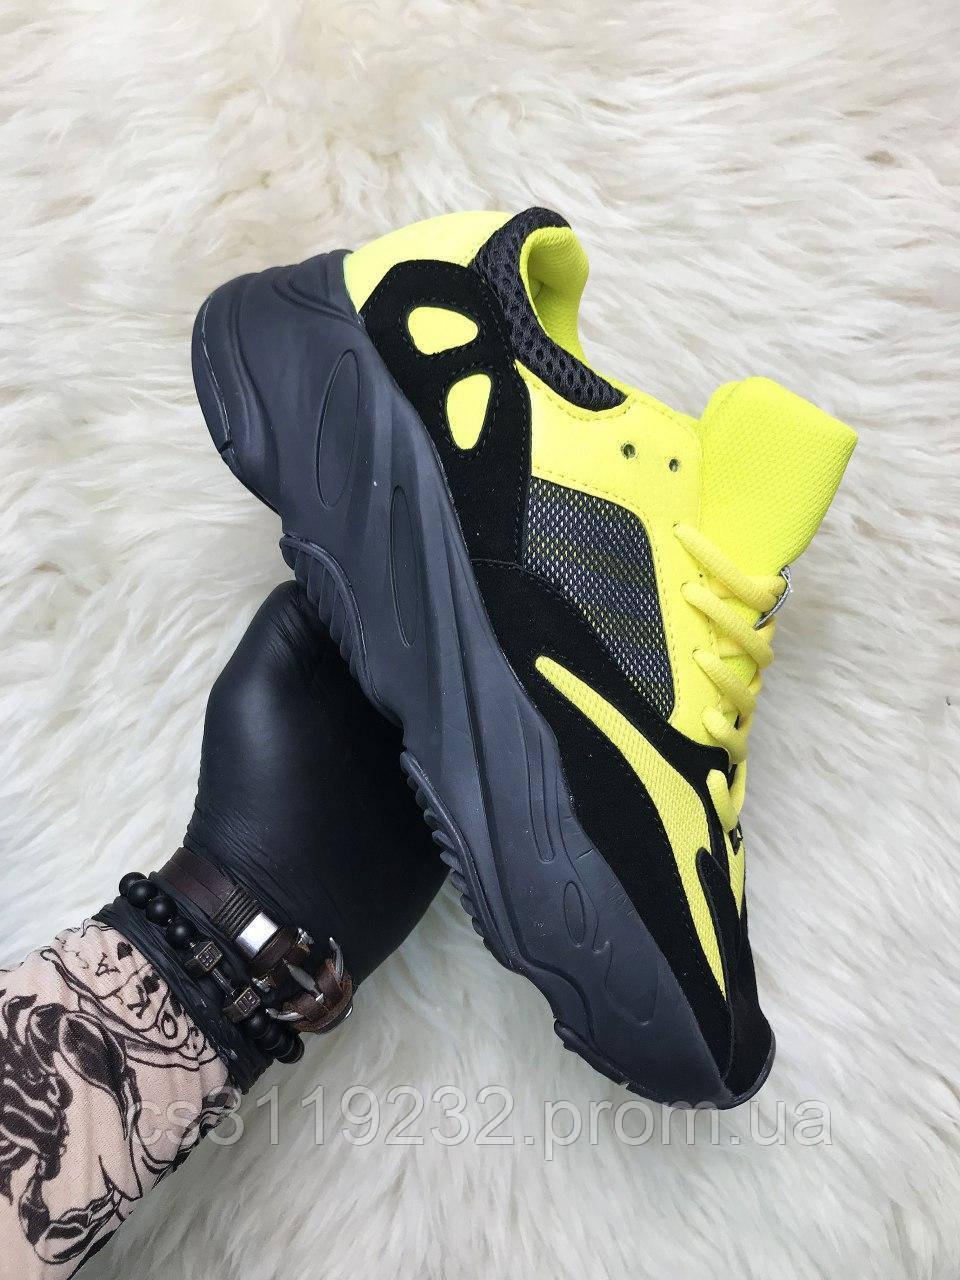 Мужские кроссовки Adidas Yeezy Boost 700 Yellow Black (черно-желтые)